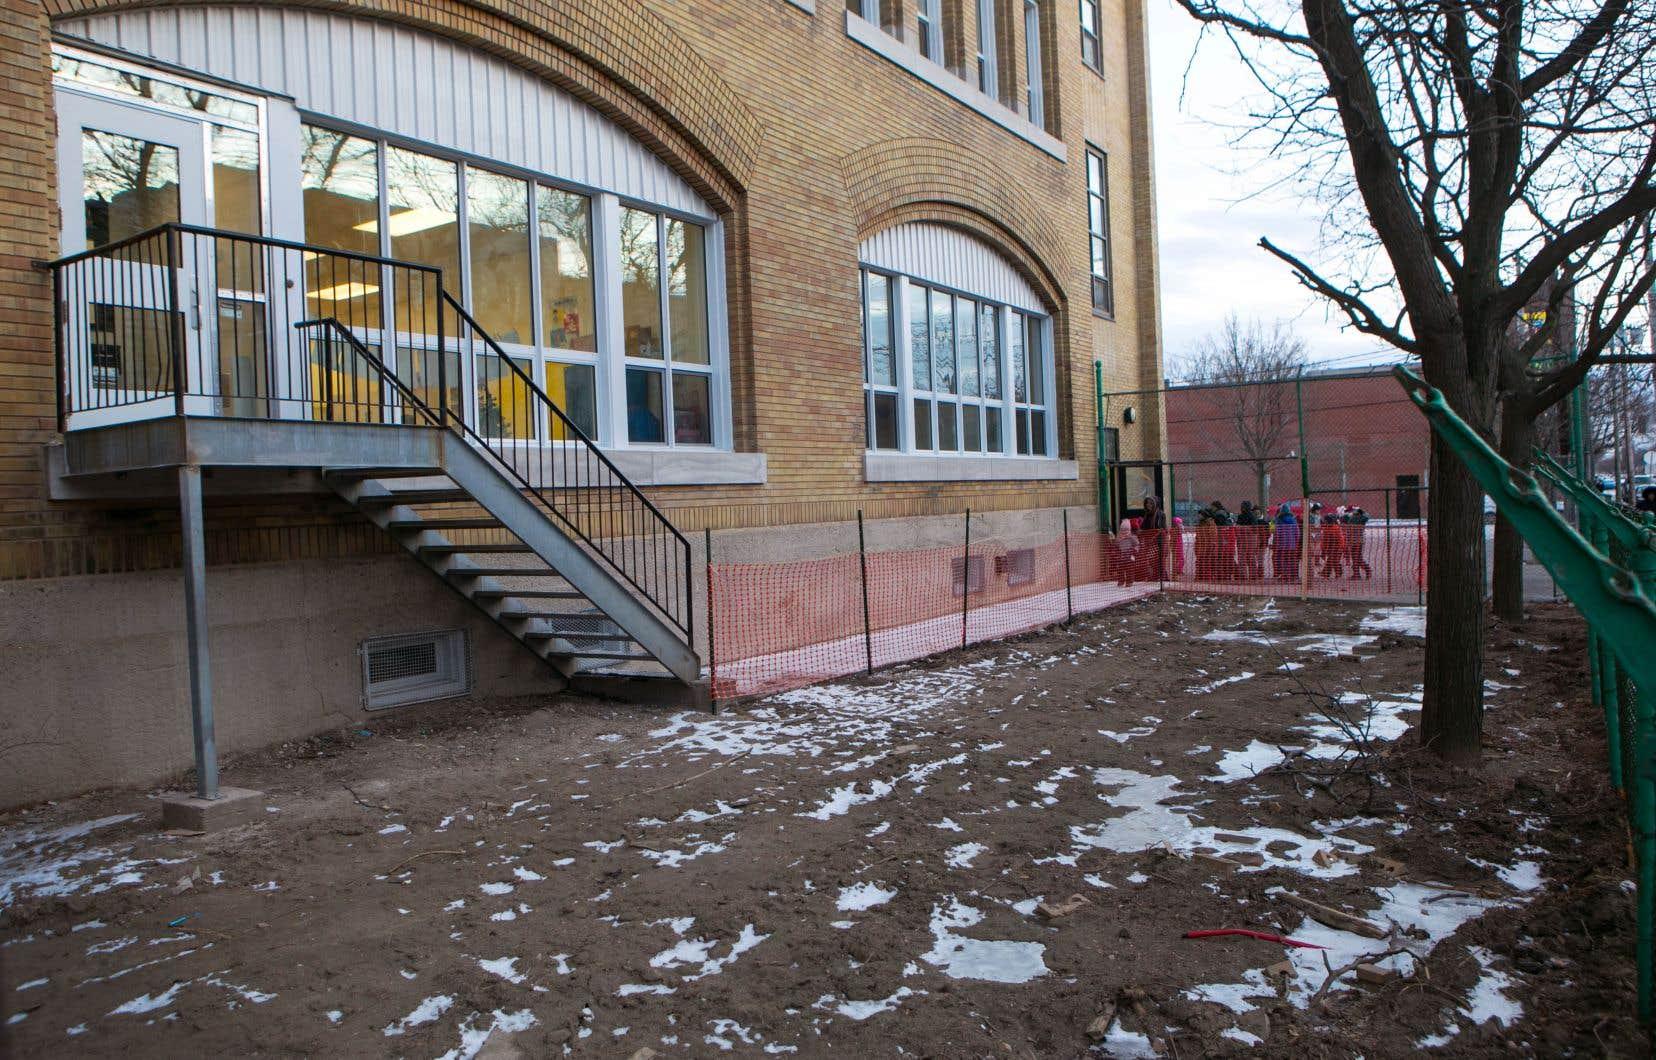 La cour de récréation des écoliers de la maternelle 4 ans de l'école Notre-Dame- de-Lourdes, à Verdun